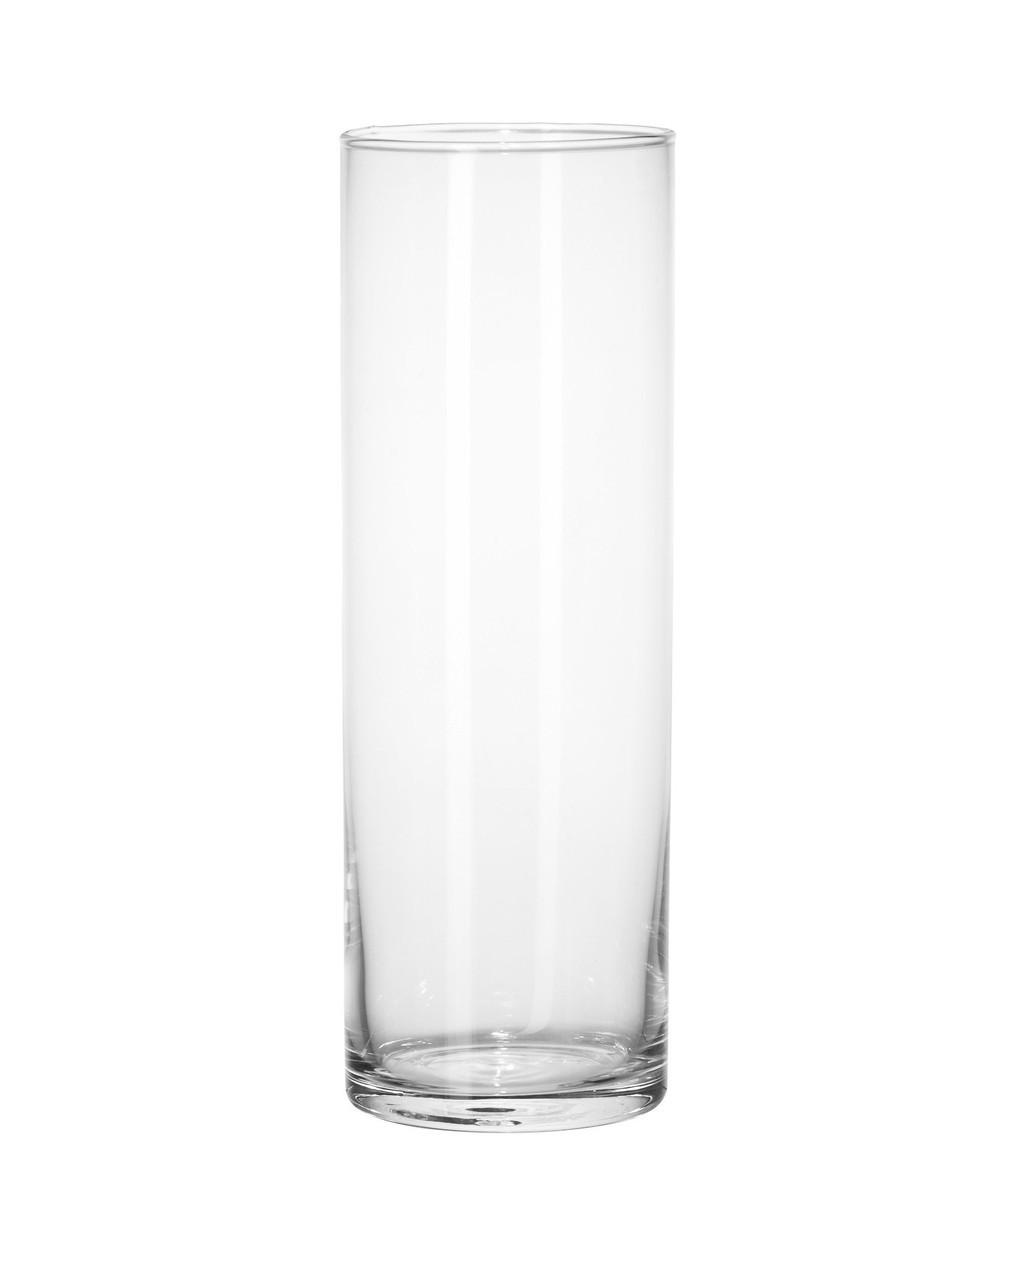 Ваза цилиндр 38,5 см Mazhura Vial X022